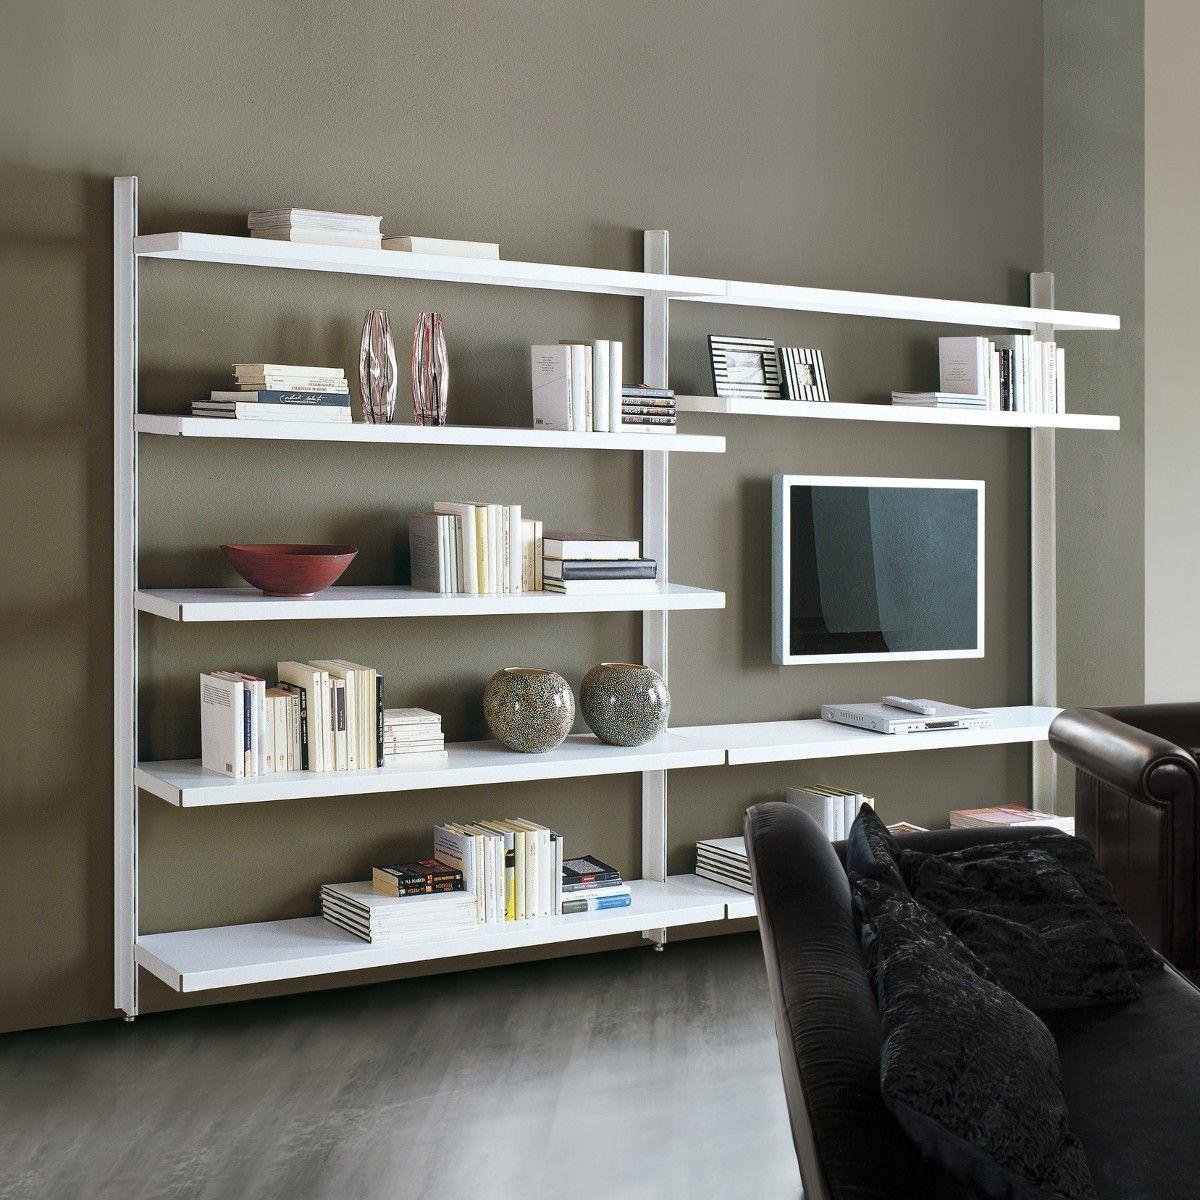 Vidar libreria a giorno in acciaio design moderno 325 x 32 x 203 cm ...